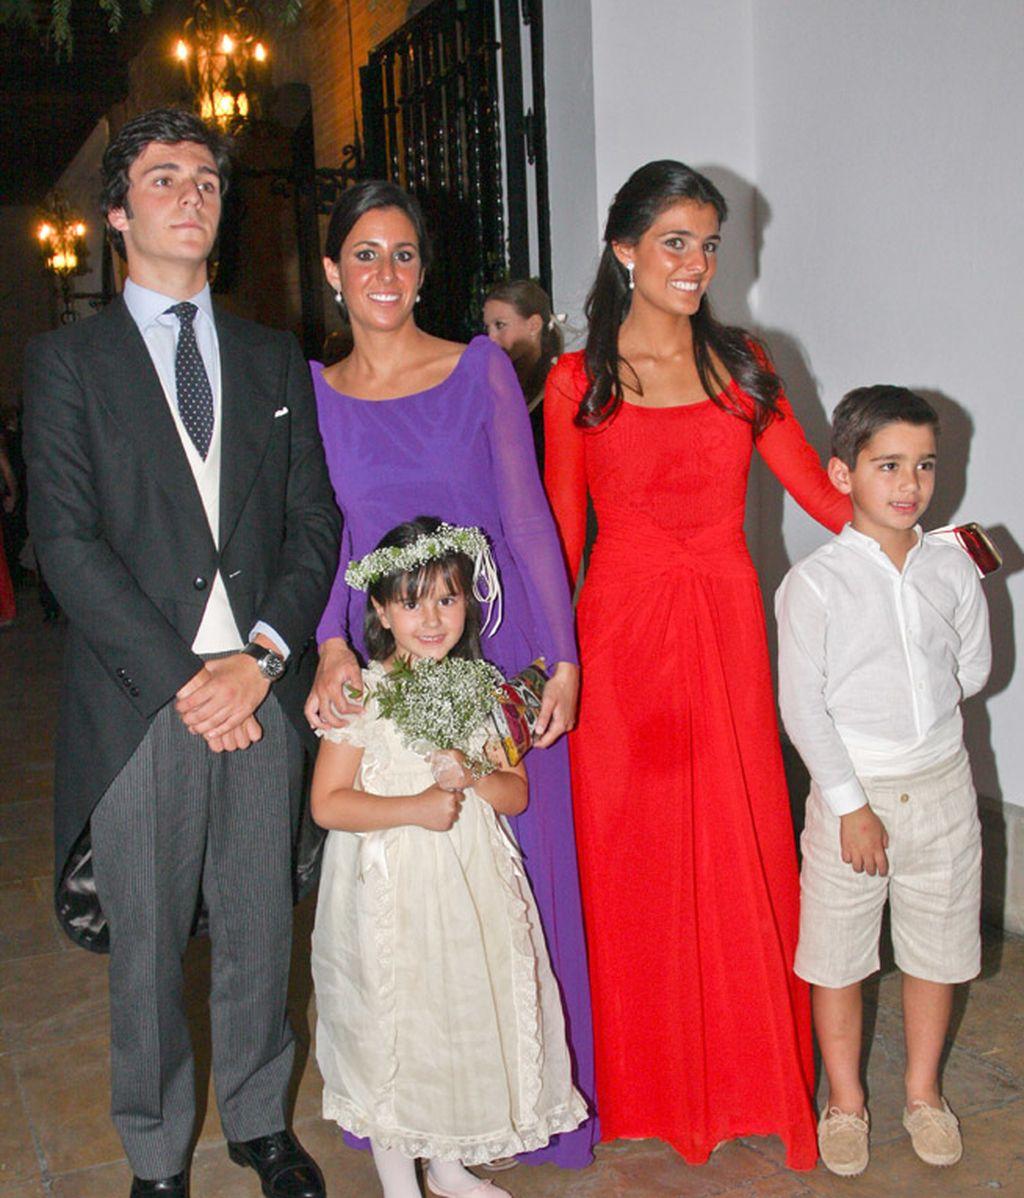 Los más jóvenes de la boda